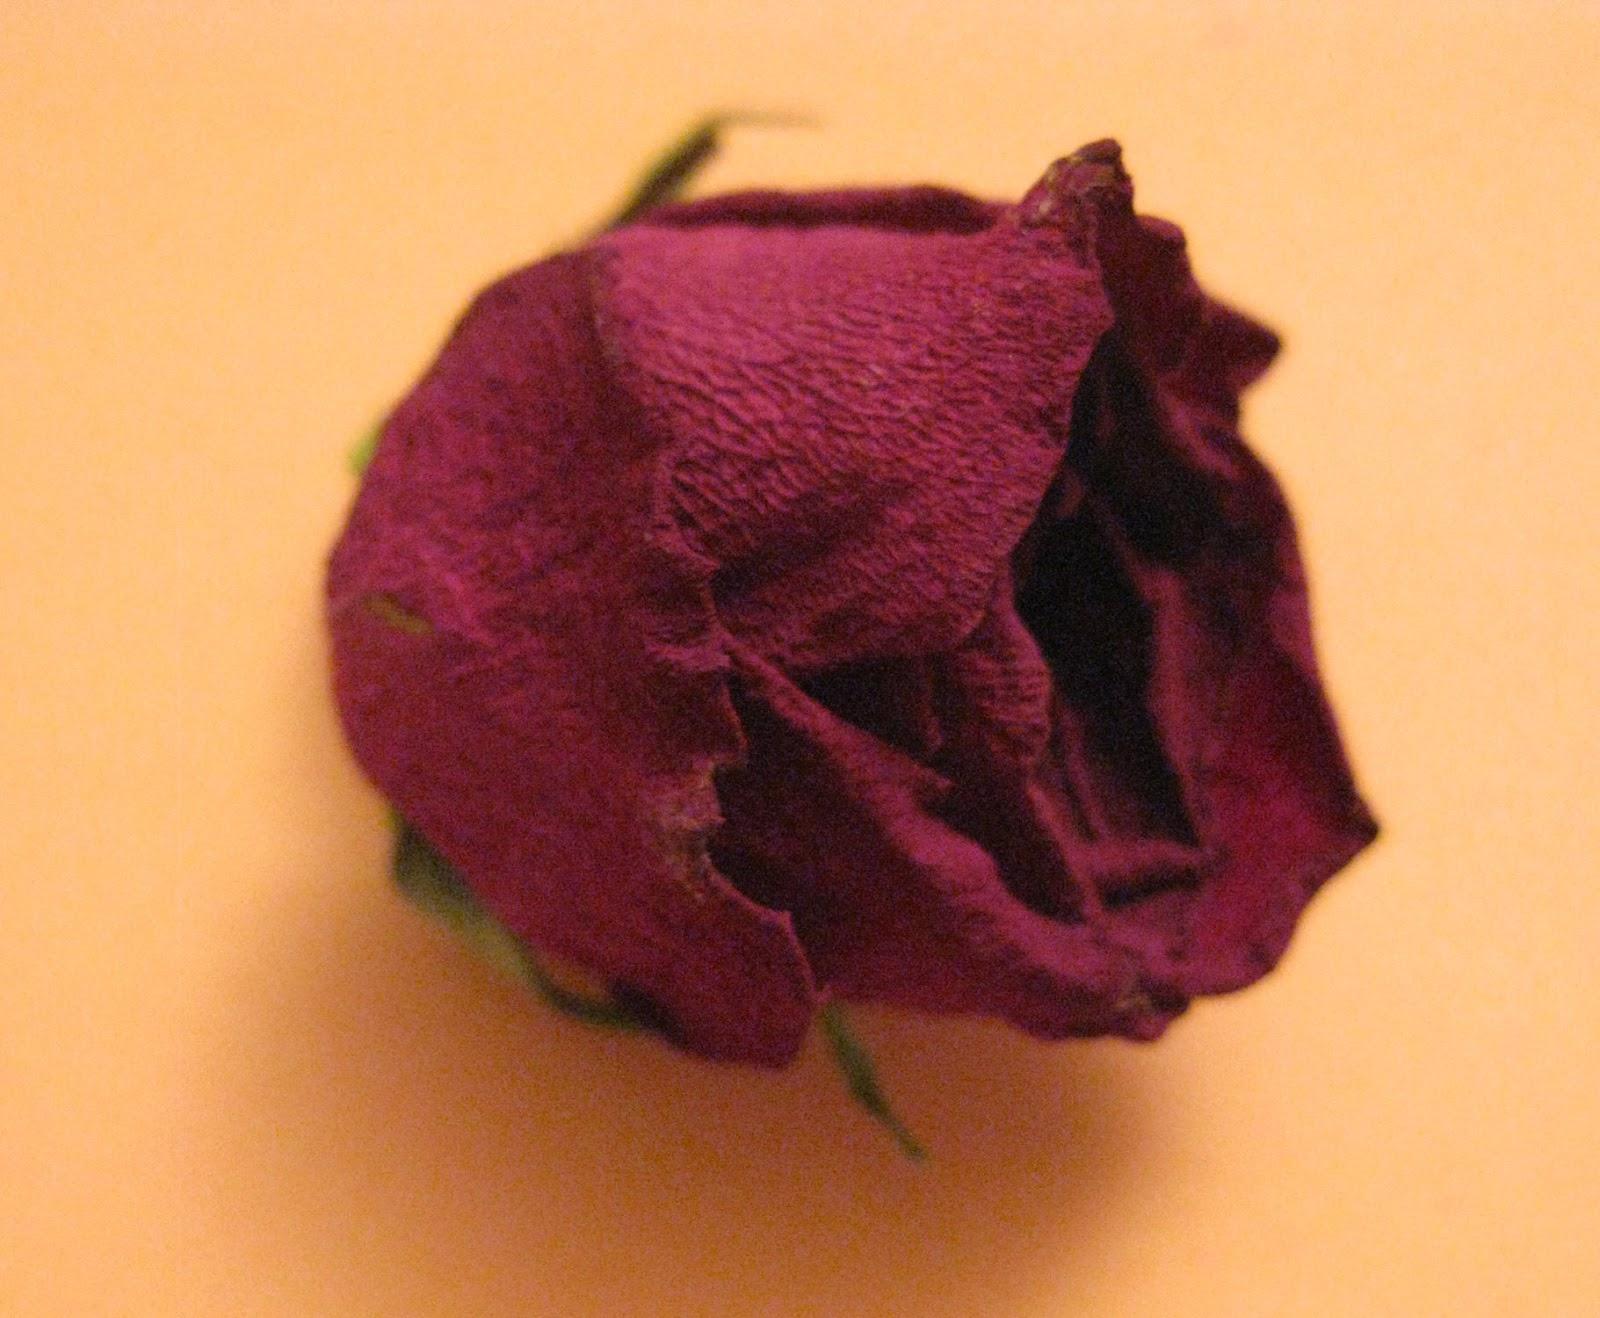 De m re fille badinage et cr ations d tes le avec des - Faire secher des roses ...